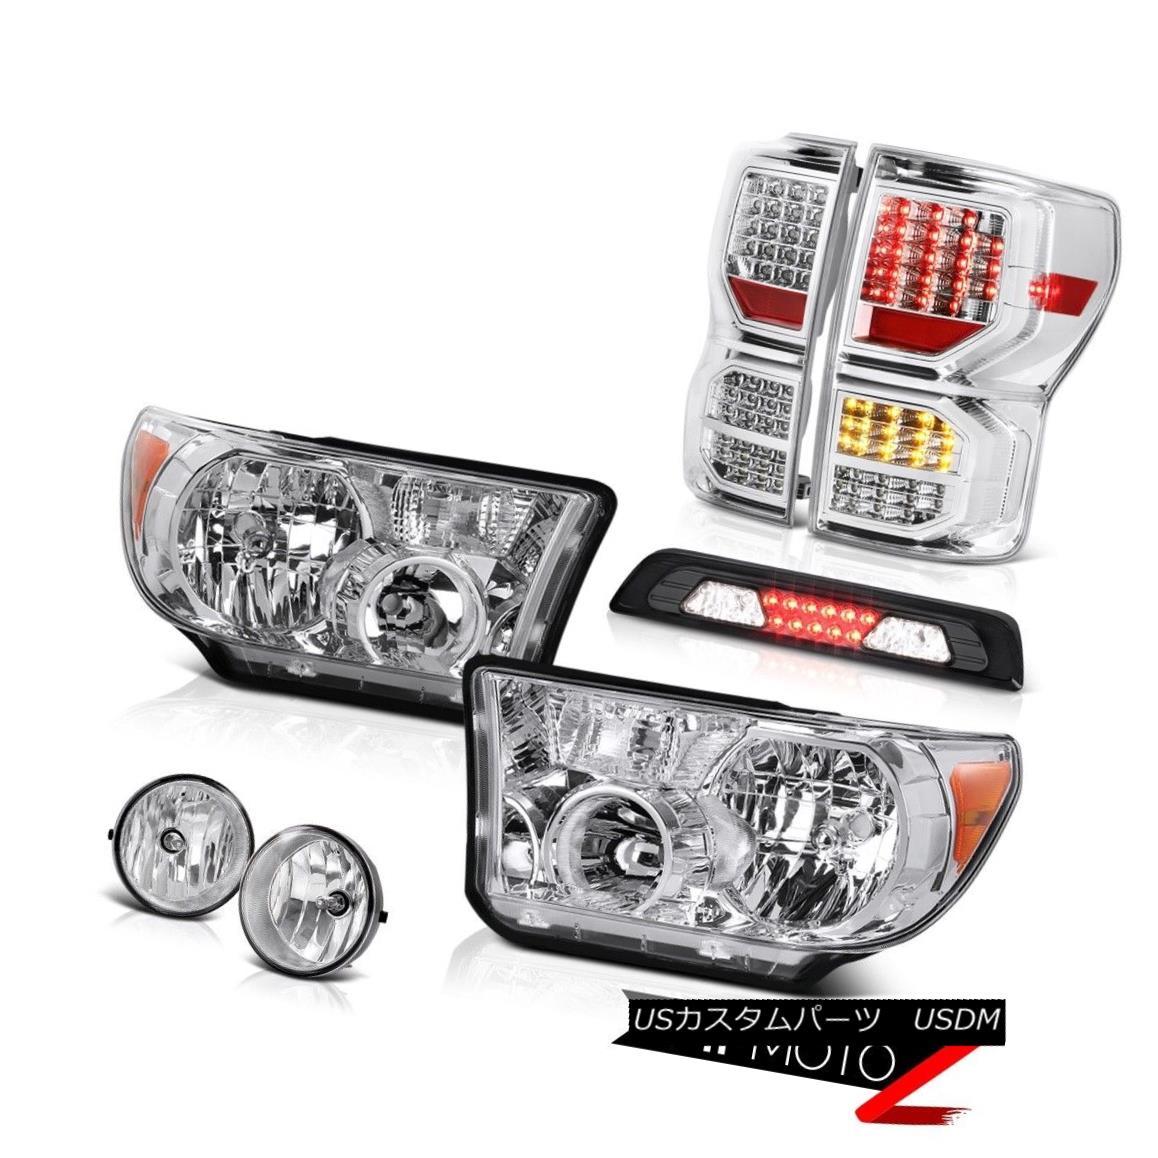 テールライト 07-13 Toyota Tundra Limited Taillamps Headlights Roof Cargo Lamp Fog Lights SMD 07-13トヨタ・トンドラ・リミテッドトライアングルヘッドライトルーフカーゴランプフォグライトSMD